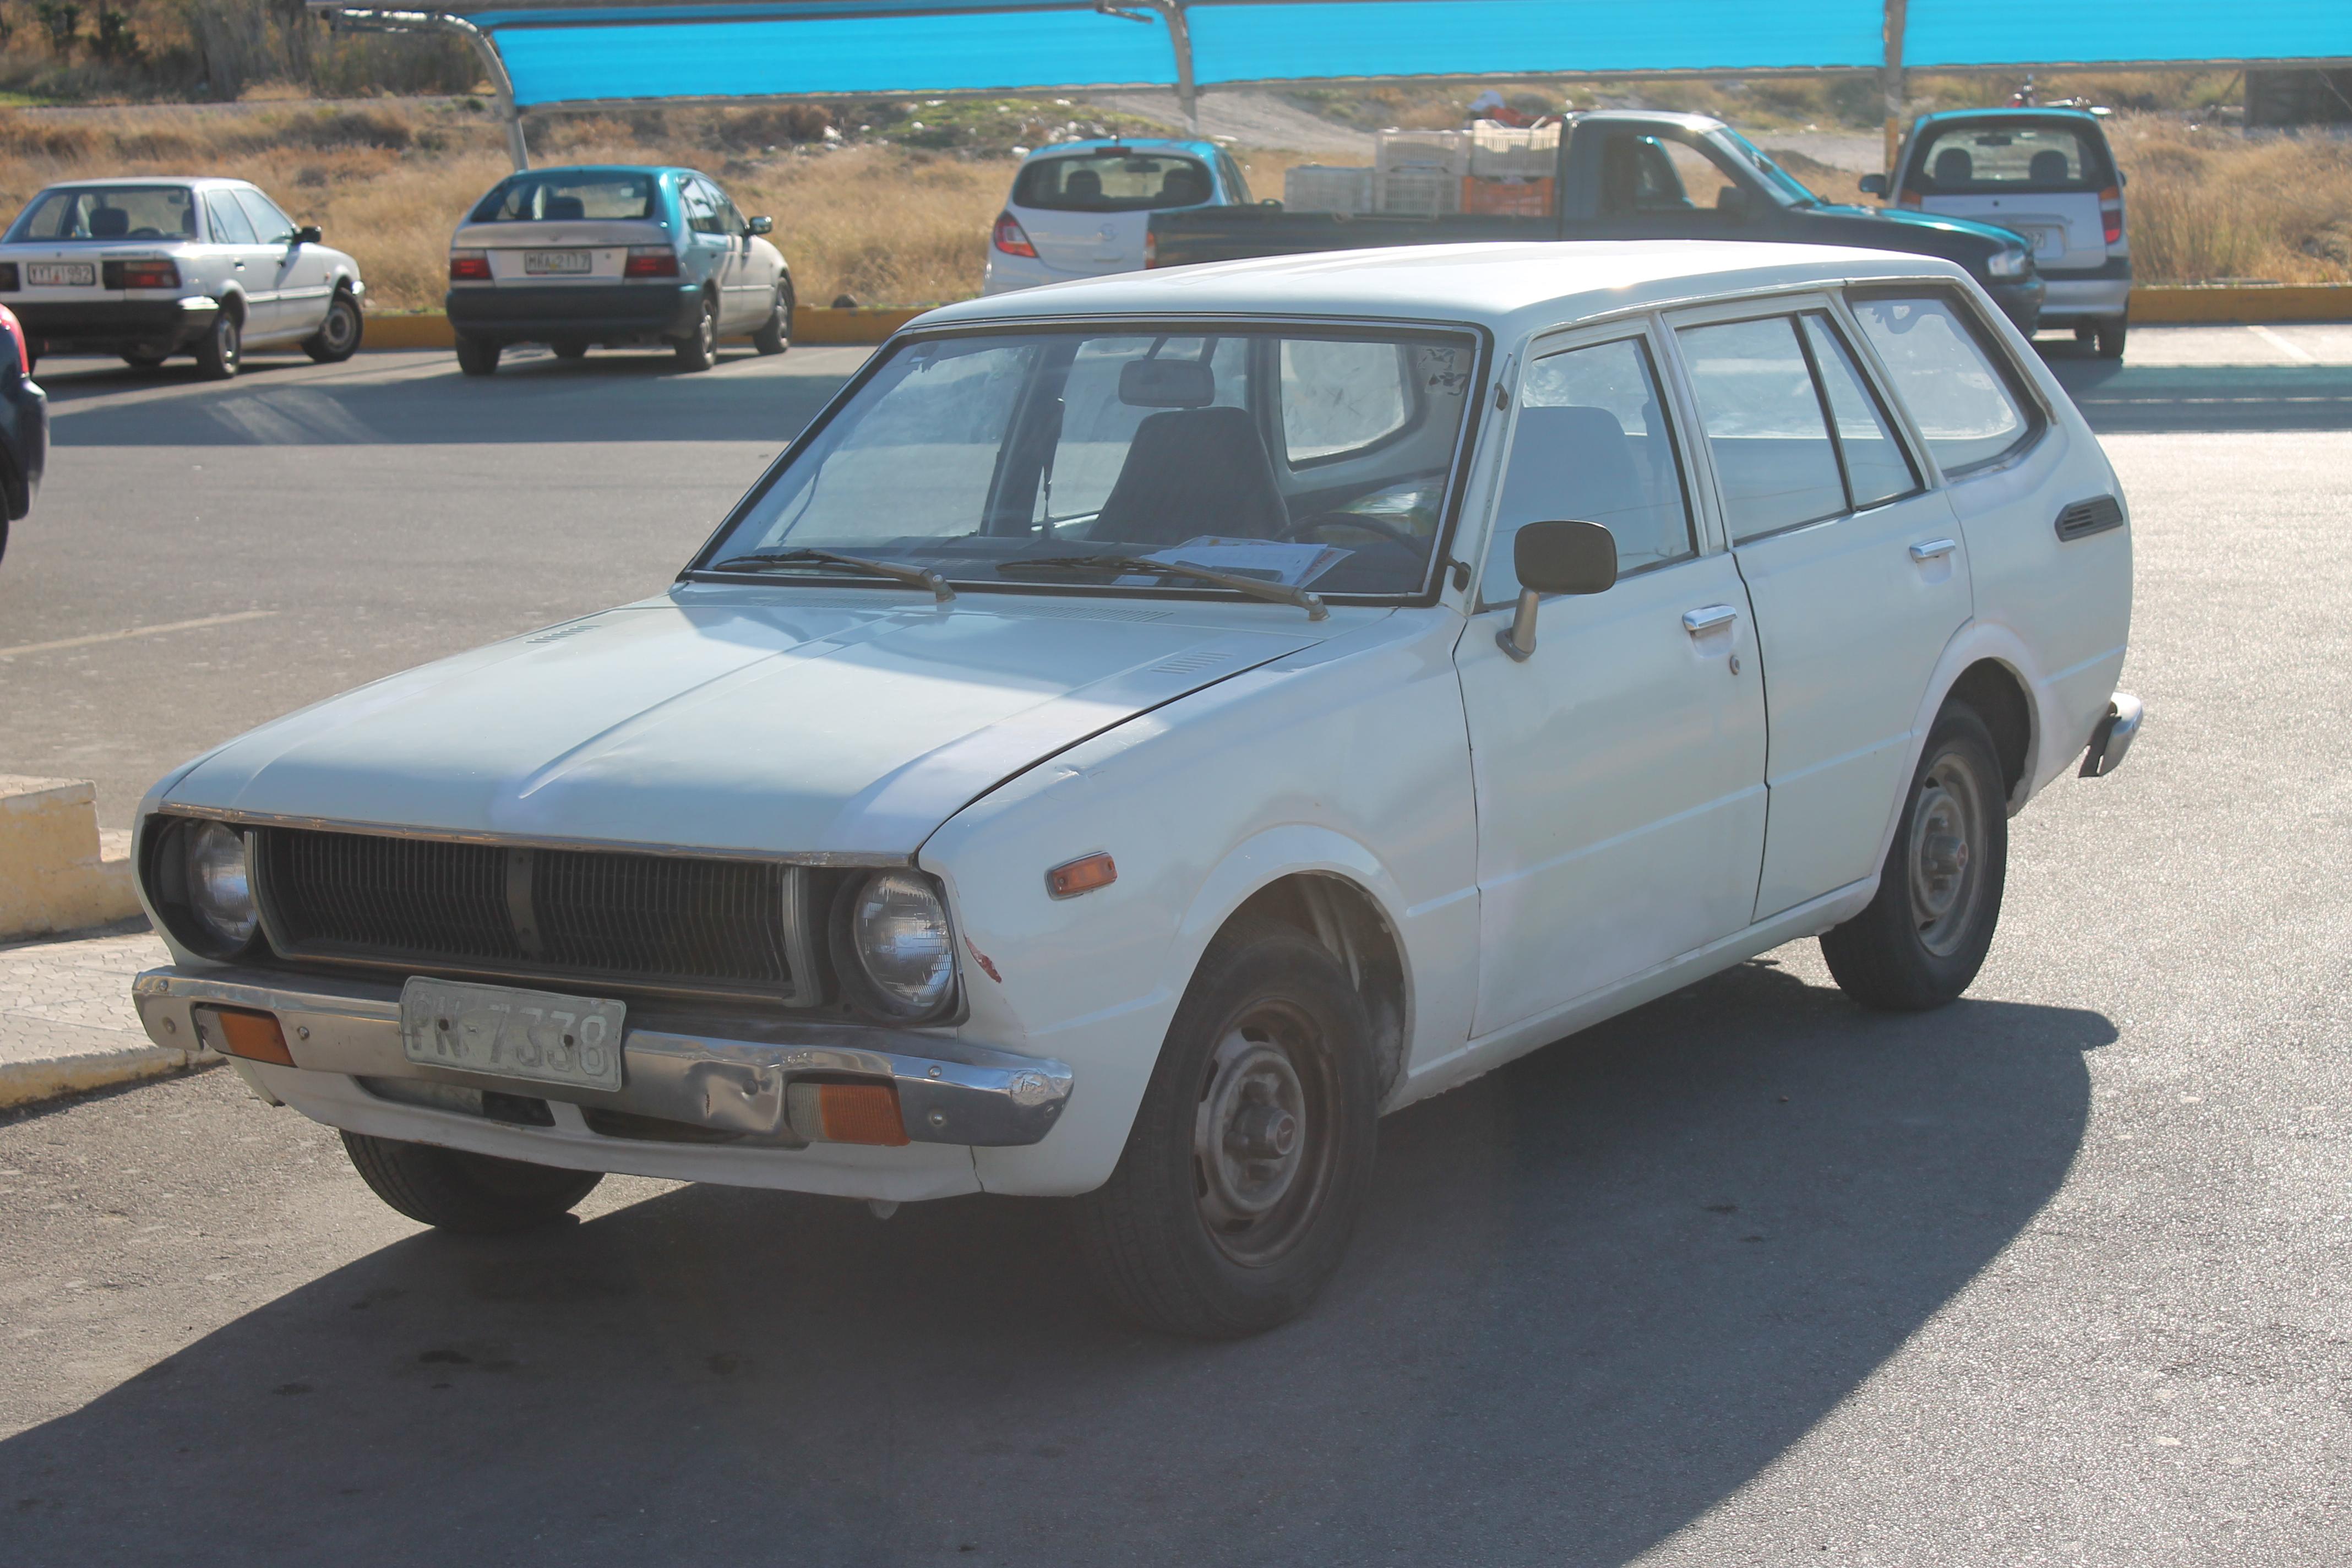 File:1970s Toyota Corolla estate (wagon) 1.2 Deluxe (E30 ...